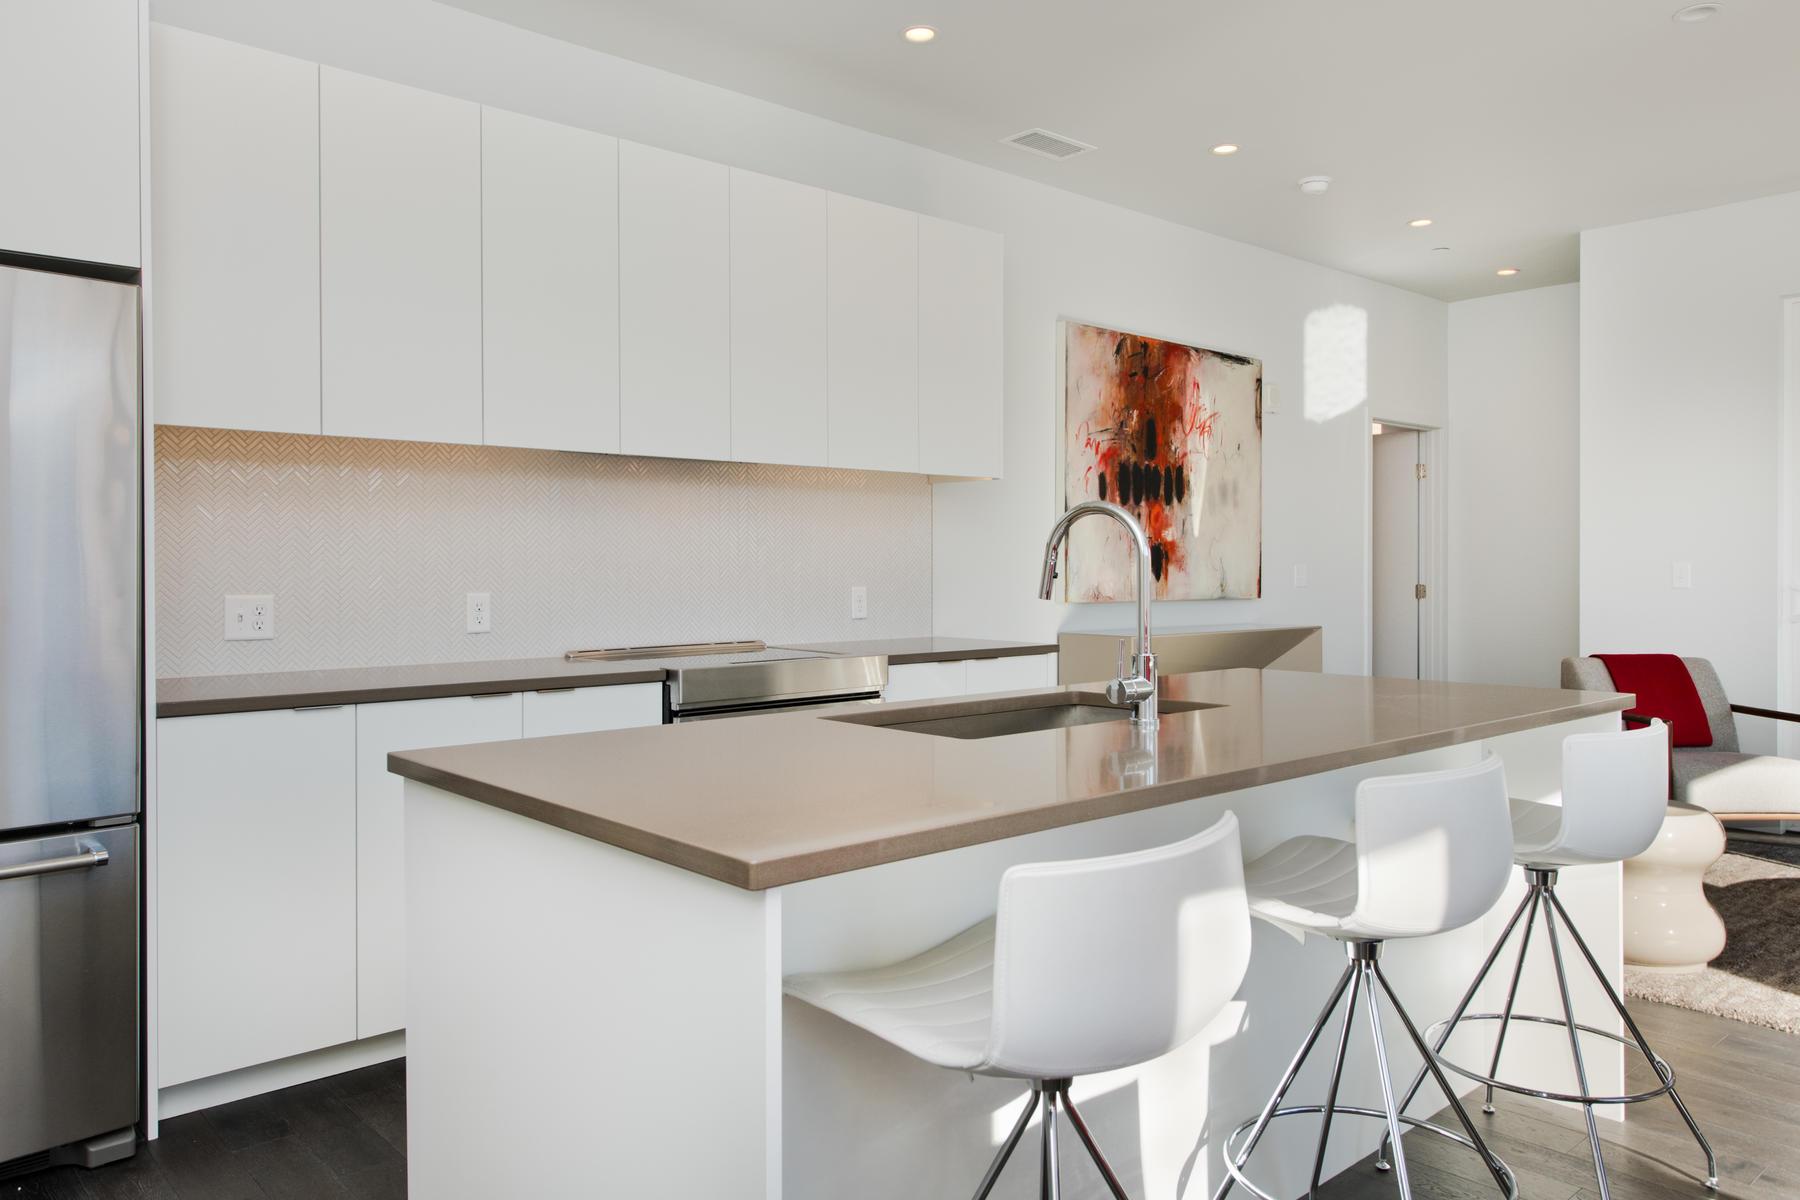 Single Family Home for Active at Ogden Flats 1300 North Ogden Street #402 Denver, Colorado 80218 United States